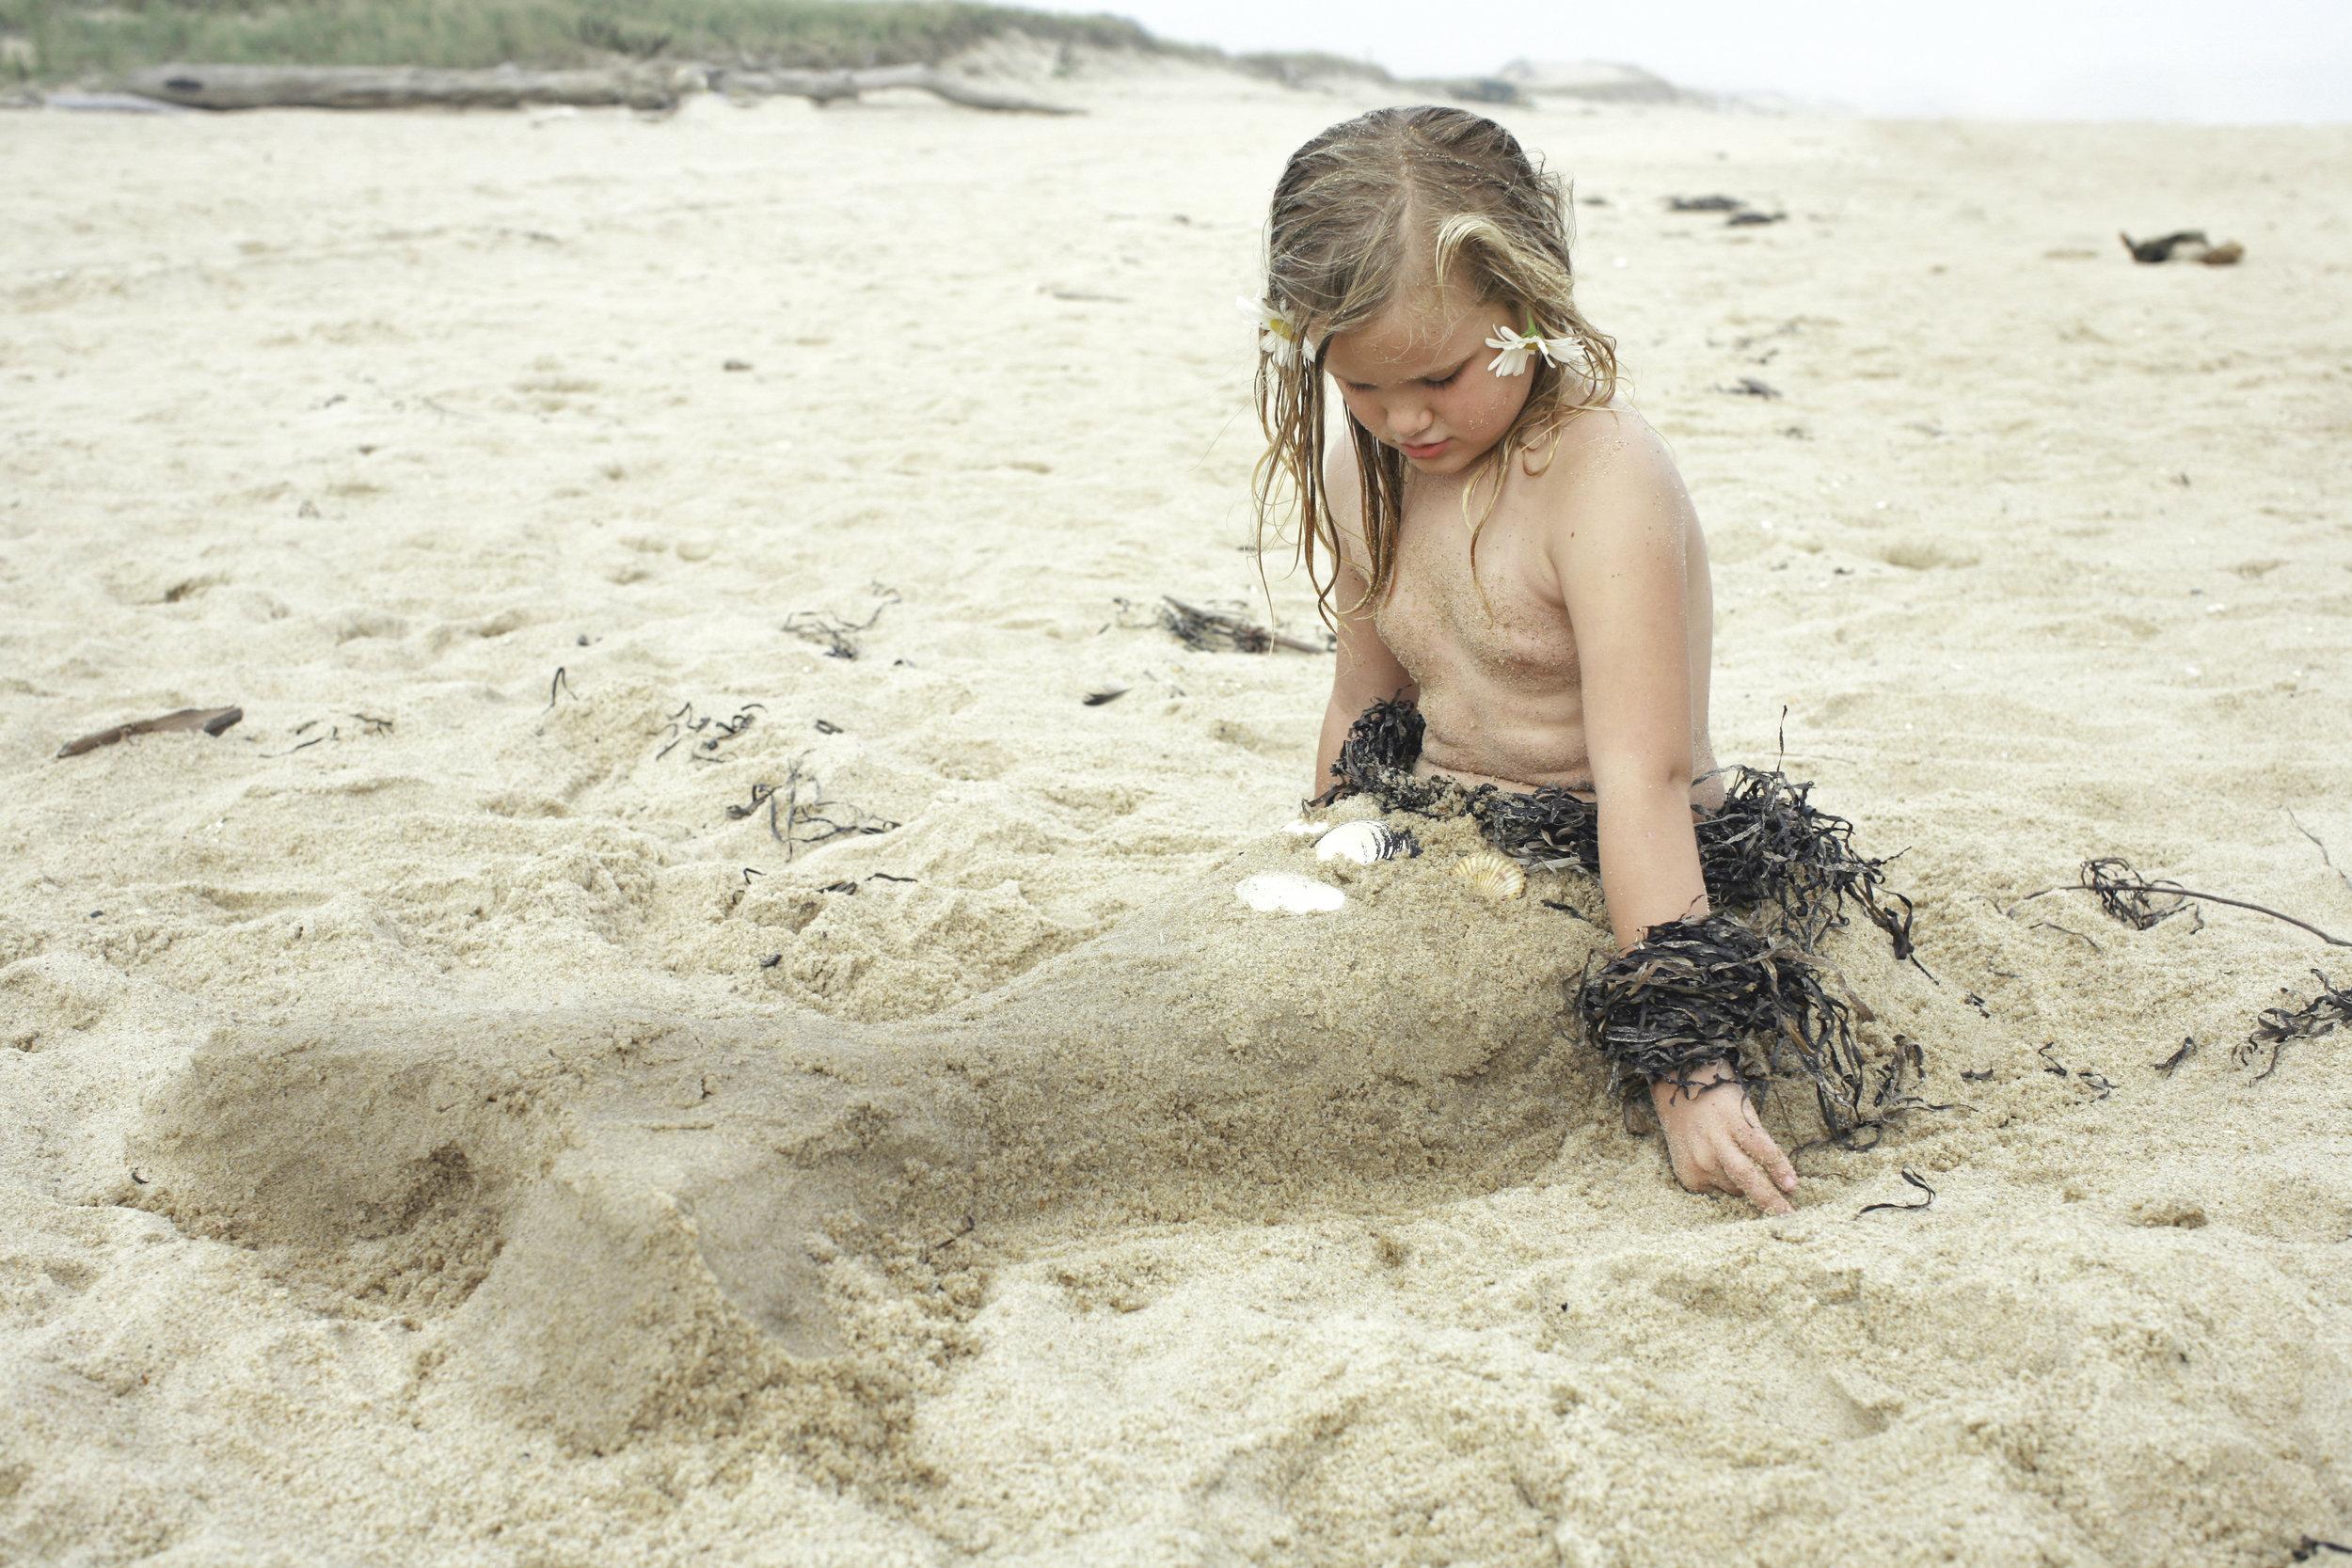 _MG_5849_mermaid_ritathompson.jpg